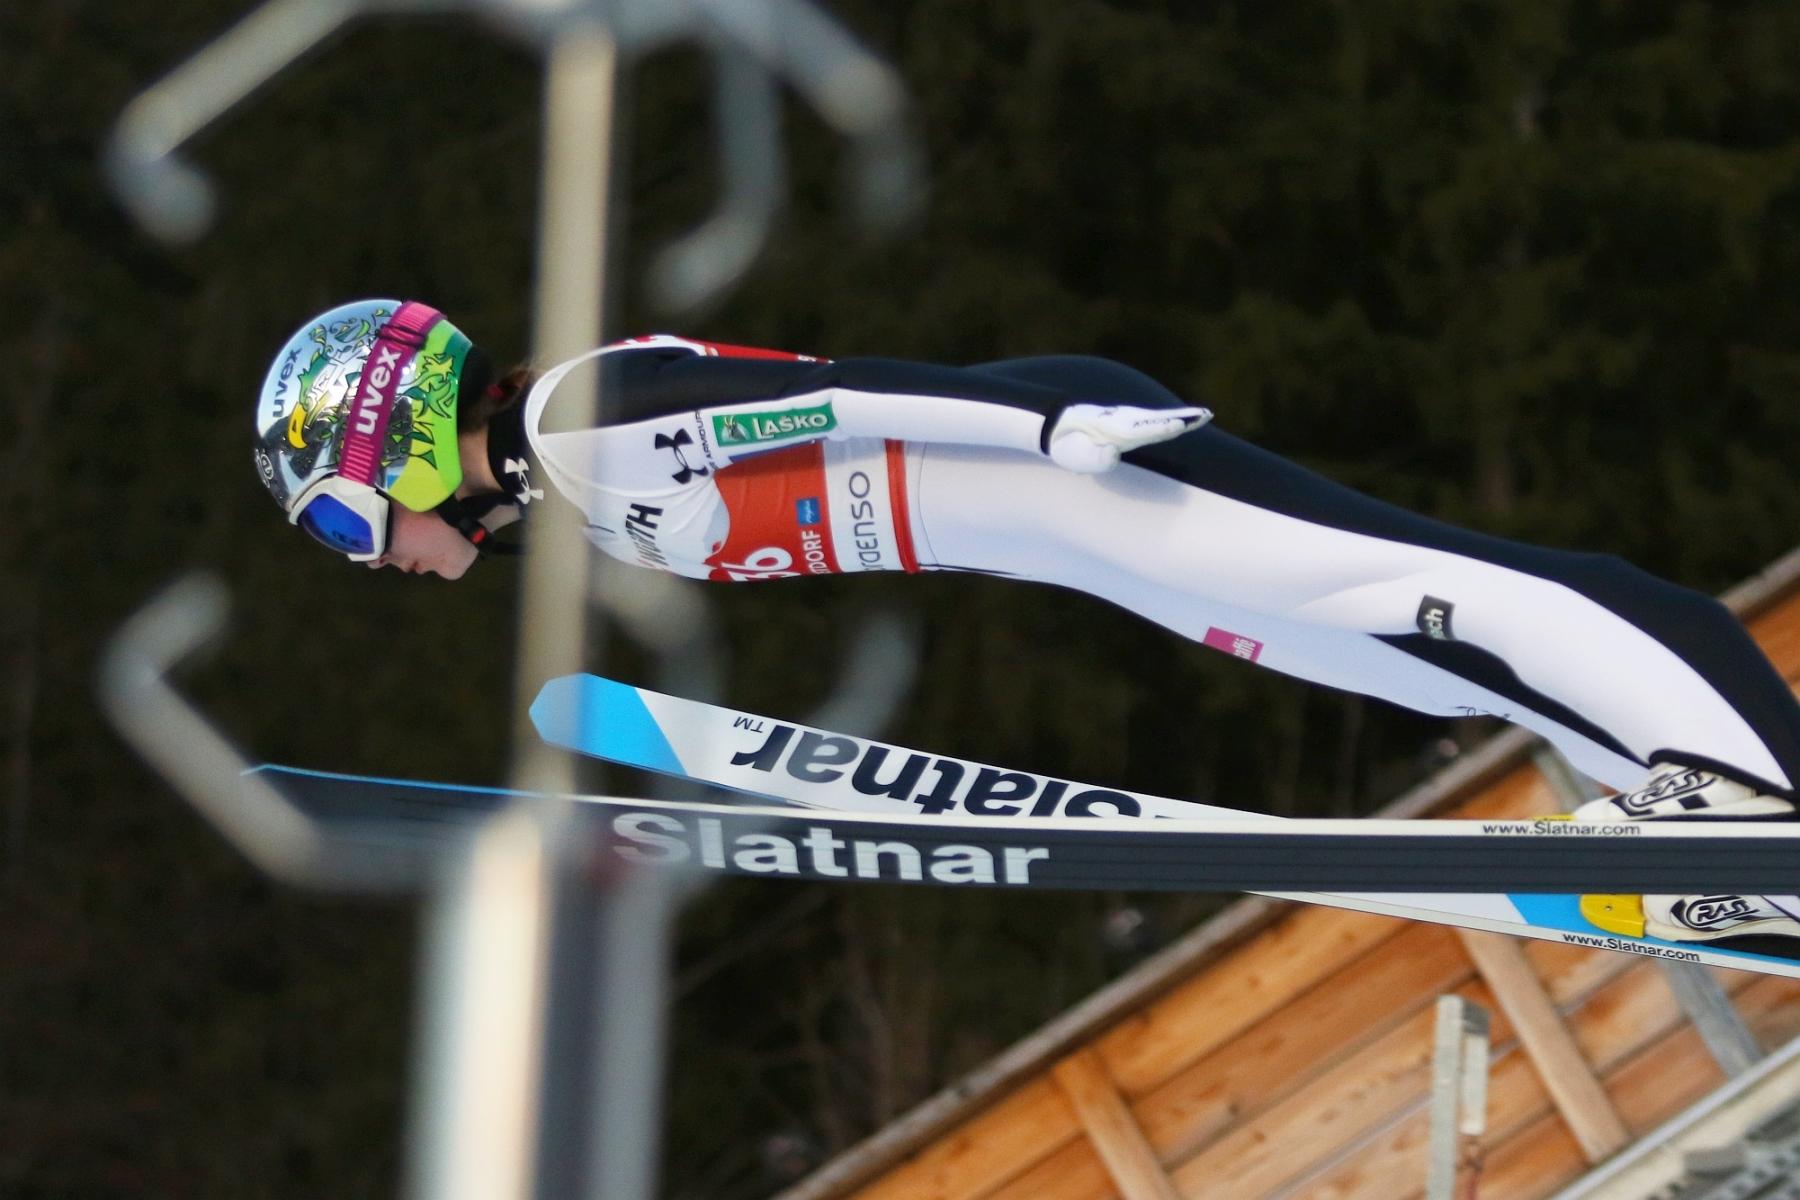 Mistrzostwa Swiata Oberstdorf2021 konkurskobiet normalhill fotJuliaPiatkowska 27 - MŚ Oberstdorf: Kramer odlatuje rywalkom w kwalifikacjach, komplet Polek w konkursie!